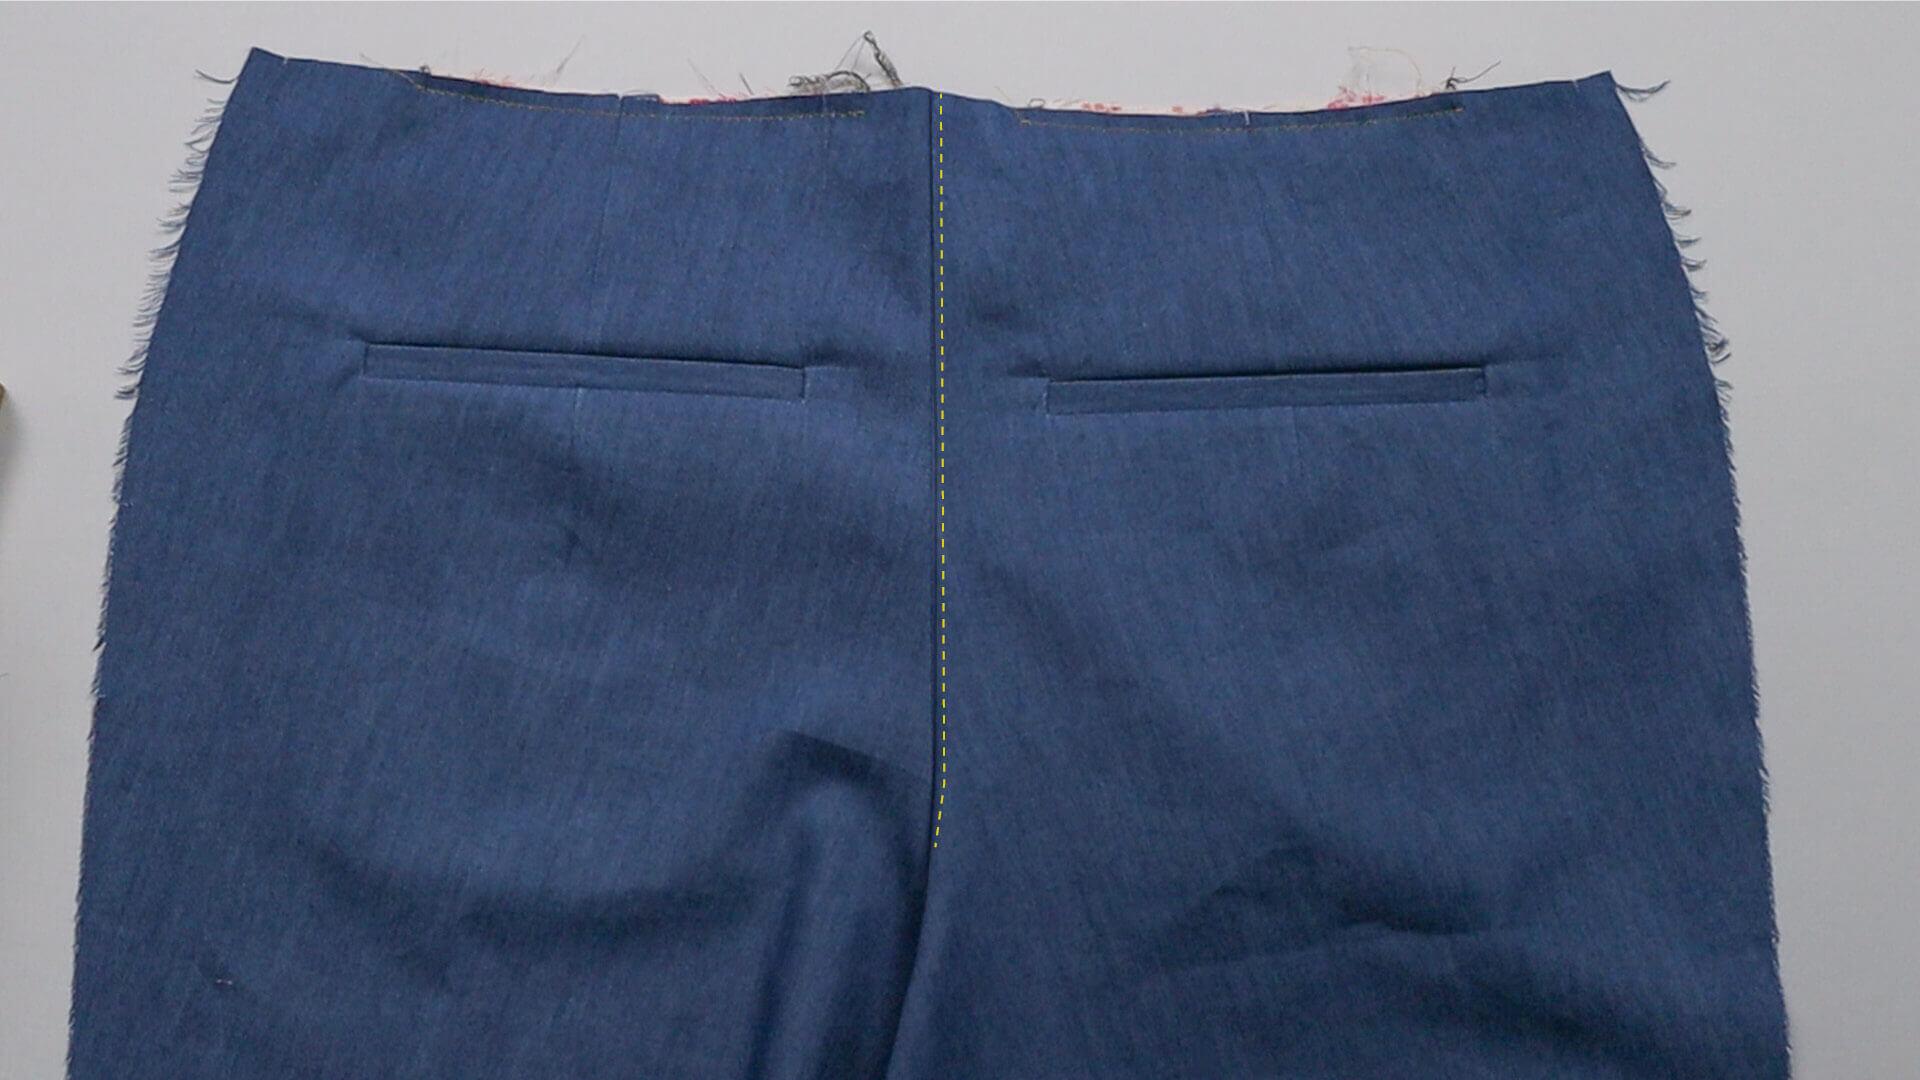 smartPATTERN Anleitung #BE01 zum Mass Hose selber nähen-DIY- 2 mm Ziersteppung der Gesäßnaht